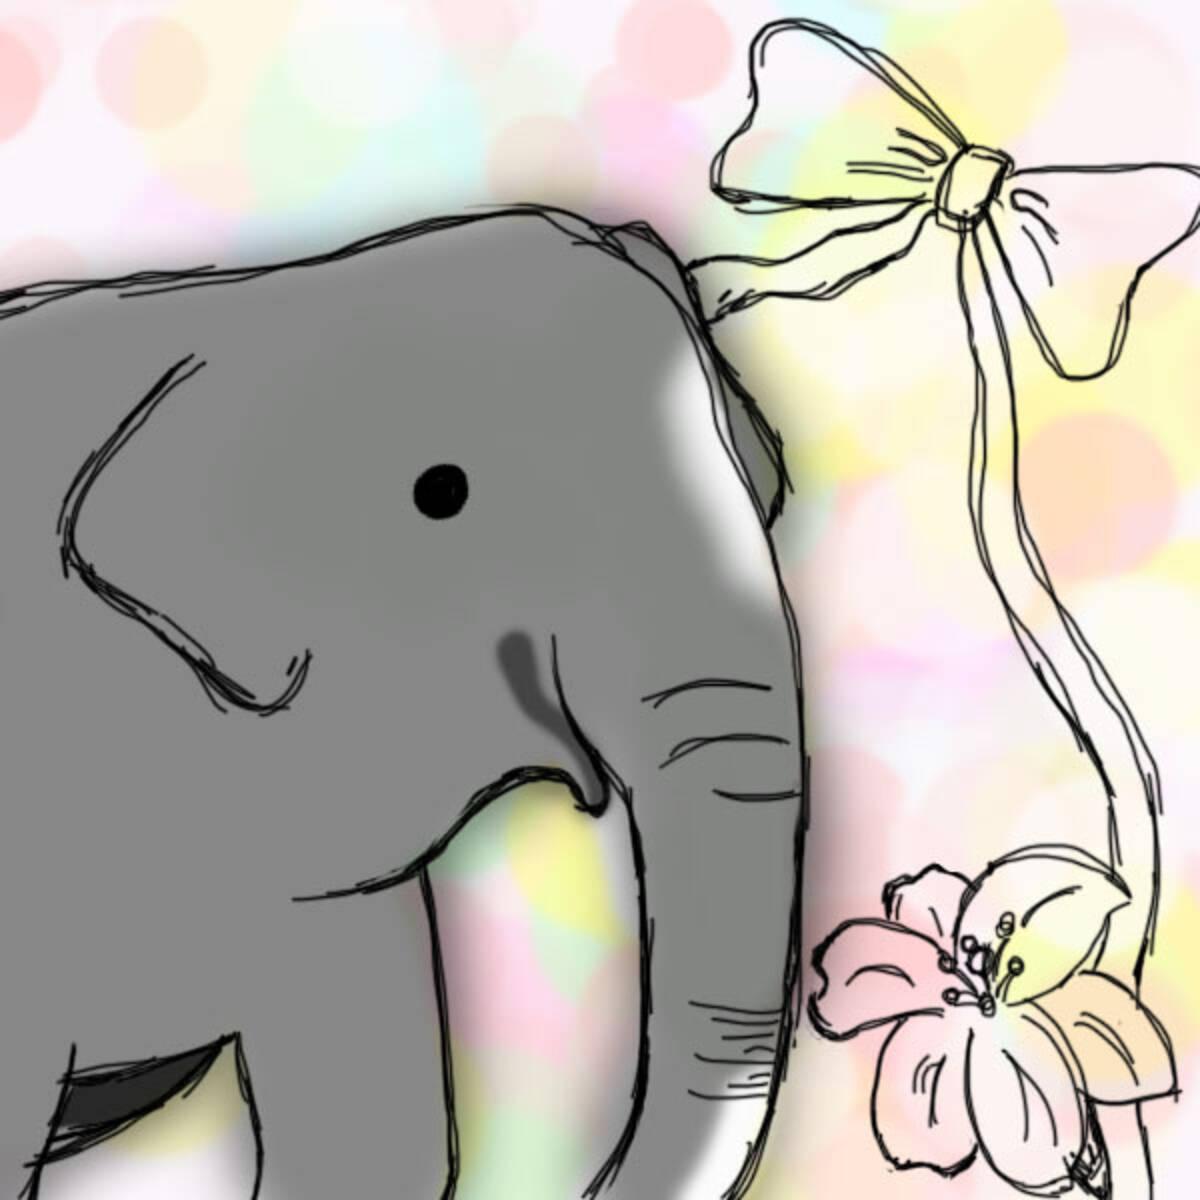 ぽっかり空いた はな子 のゾウ舎に咲く花 エキサイトニュース